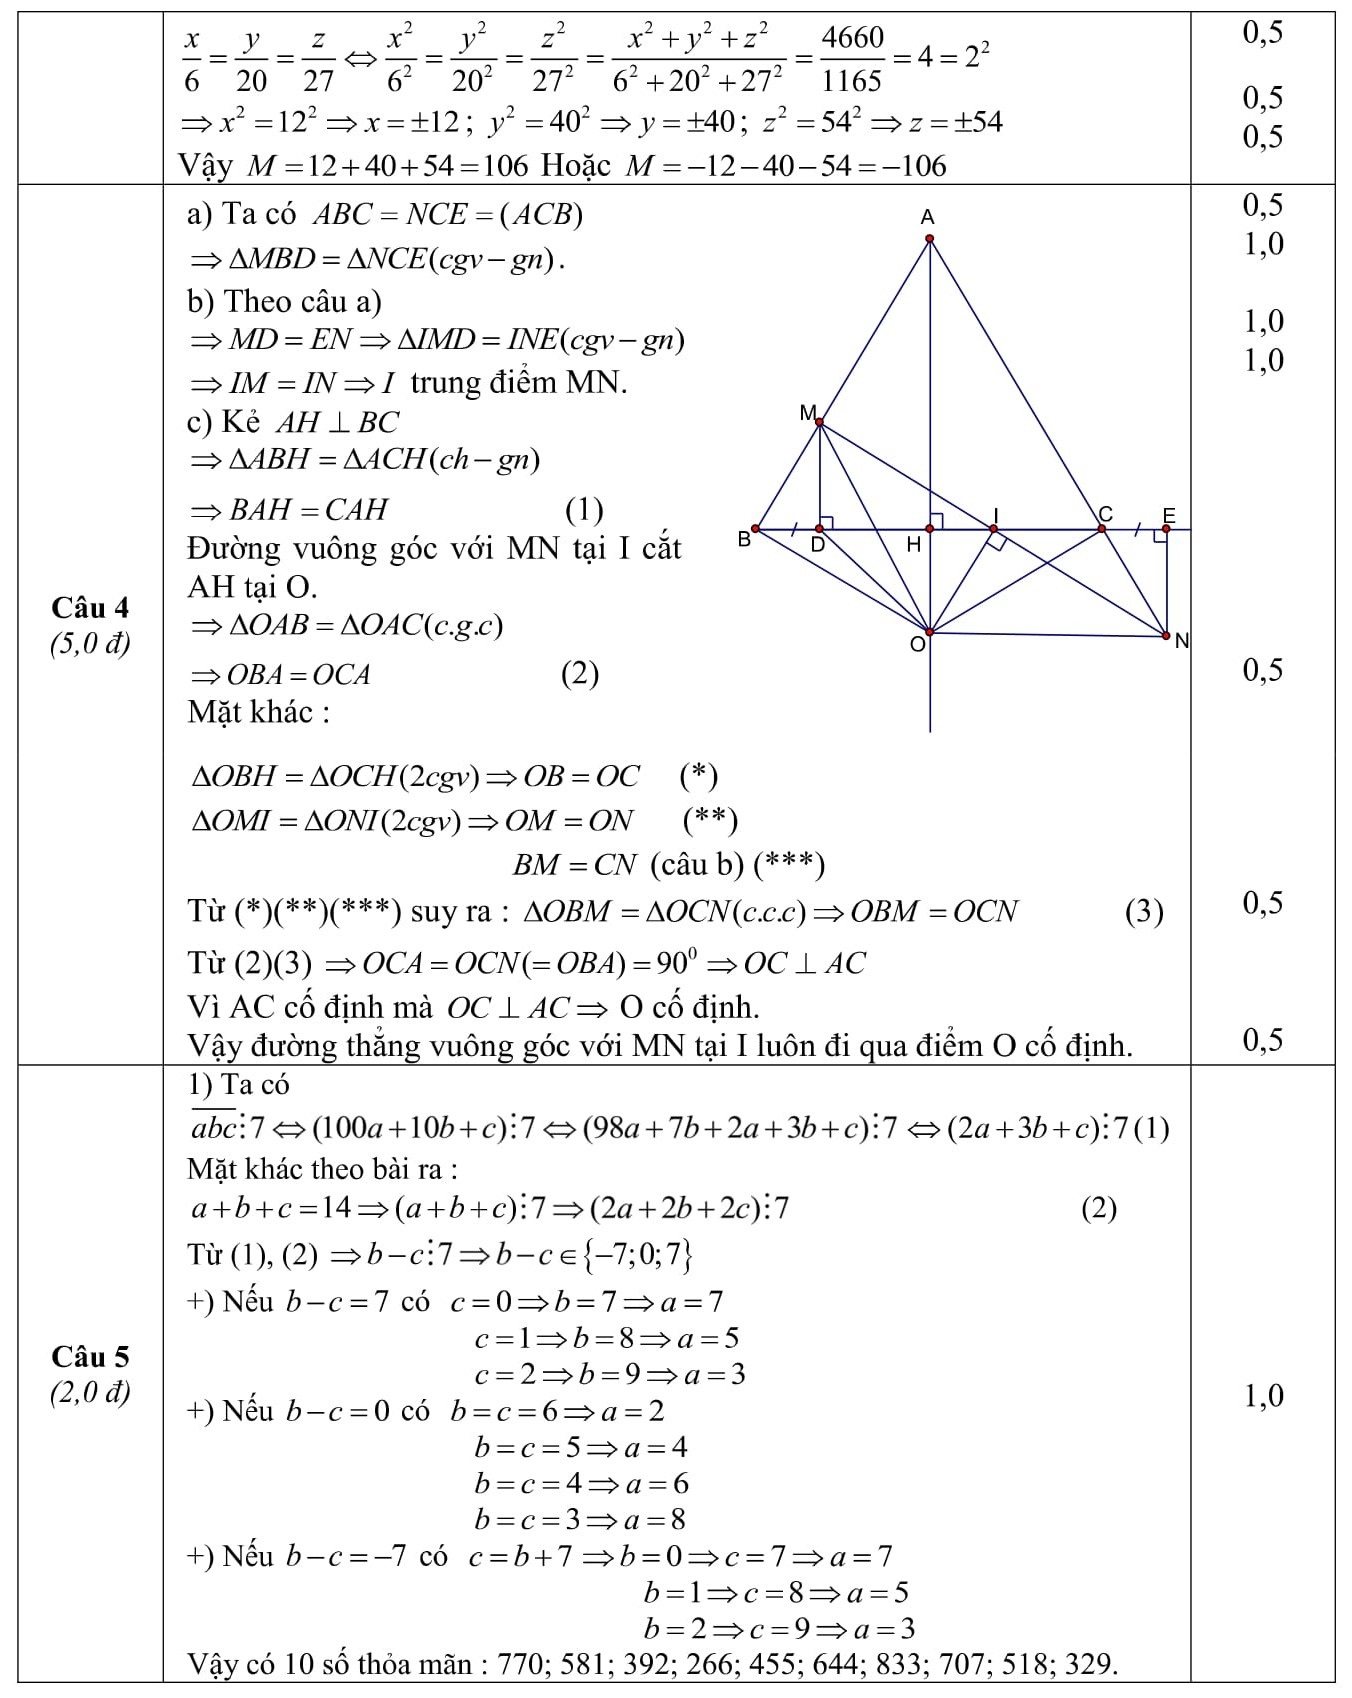 Đáp án và đề thi HSG toán 7 phòng GD&ĐT Như Xuân 2015-2016